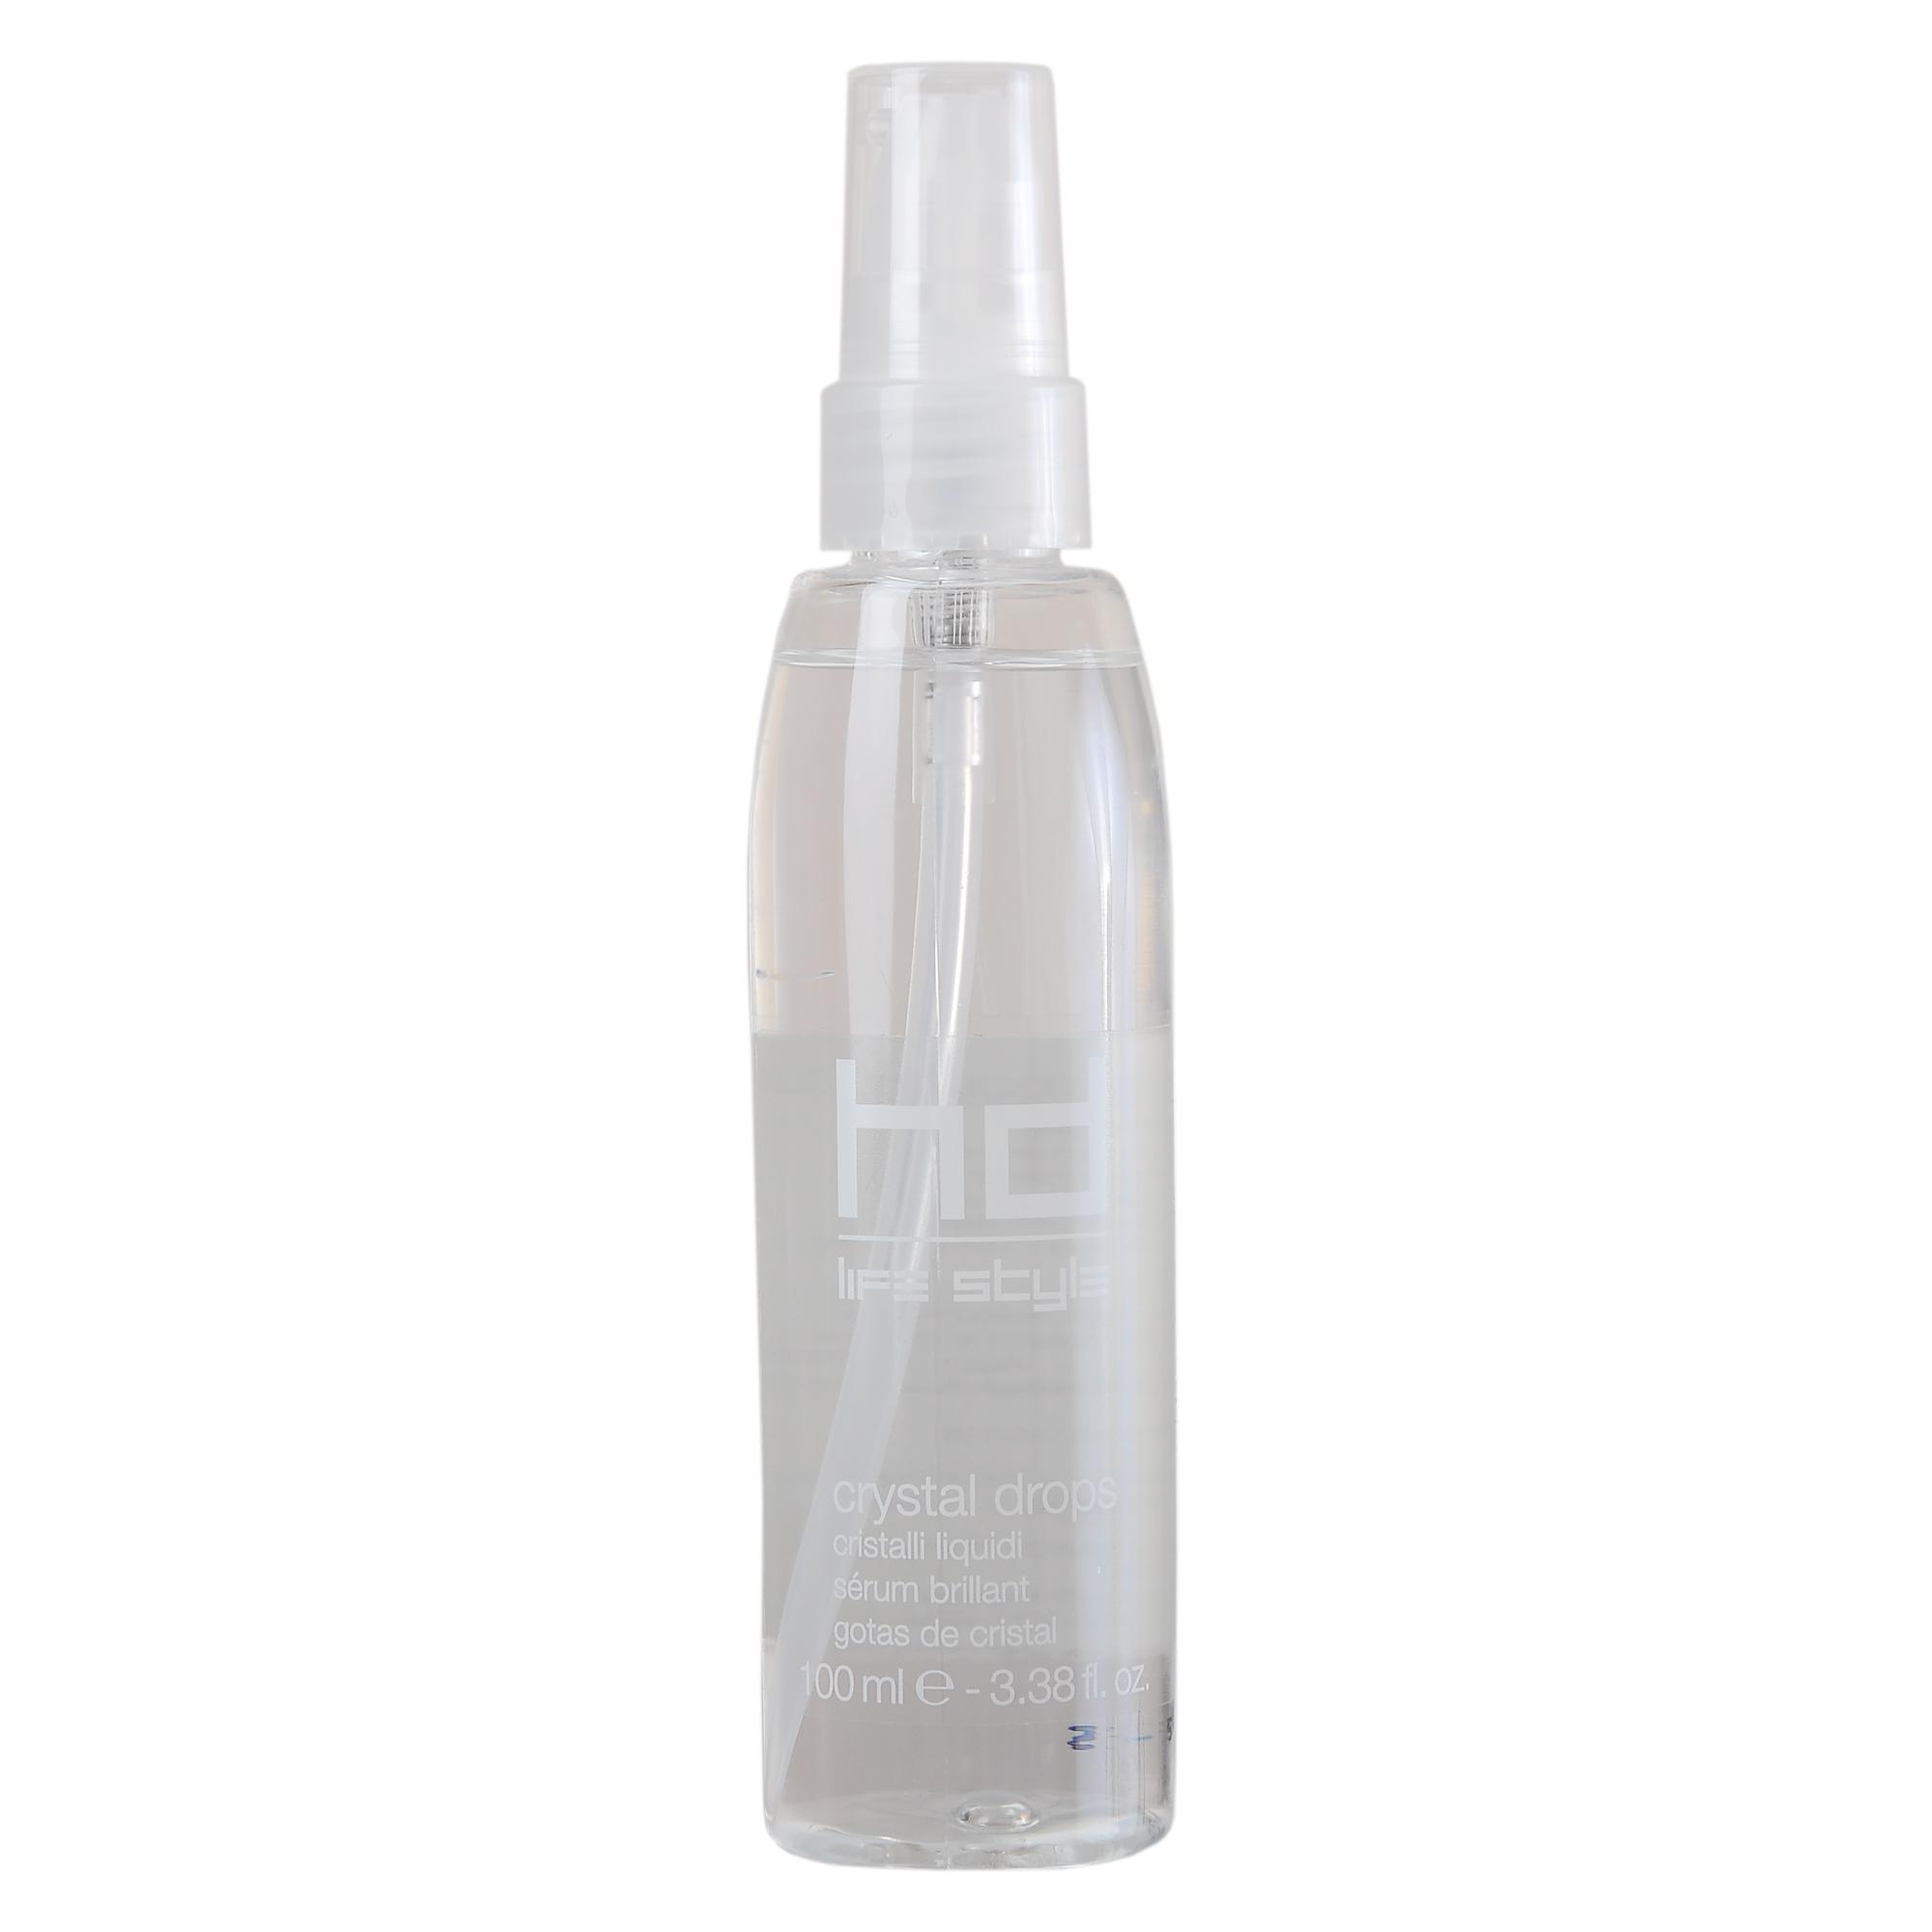 FARMAVITA Капли кристальные HD CRYSTAL DROPS / HD LIFE STYLE 100 млОсобые средства<br>Кристальные капли Crystal drops HD от уникальной итальянской марки FarmaVita созданы для мягкого ухода за секущимися кончиками поврежденных волос. Средство придает волосам соблазнительный блеск и сияние, облегчает расчесывание. Препарат восстанавливает и смягчает посеченные безжизненные концы, придавая волосам шелковистость и здоровый вид. Капли обеспечивают поврежденным волосам яркий цвет, невероятную гладкость и мягкость. Средство не только ухаживает за волосами, но и дарит им чувственный аромат моря. Способ применения: несколько Кристальных капель распределите в руках и нанесите на сухие или увлажненные волосы, уделив внимание кончикам и поврежденным участкам.<br><br>Объем: 100 мл<br>Назначение: Секущиеся кончики